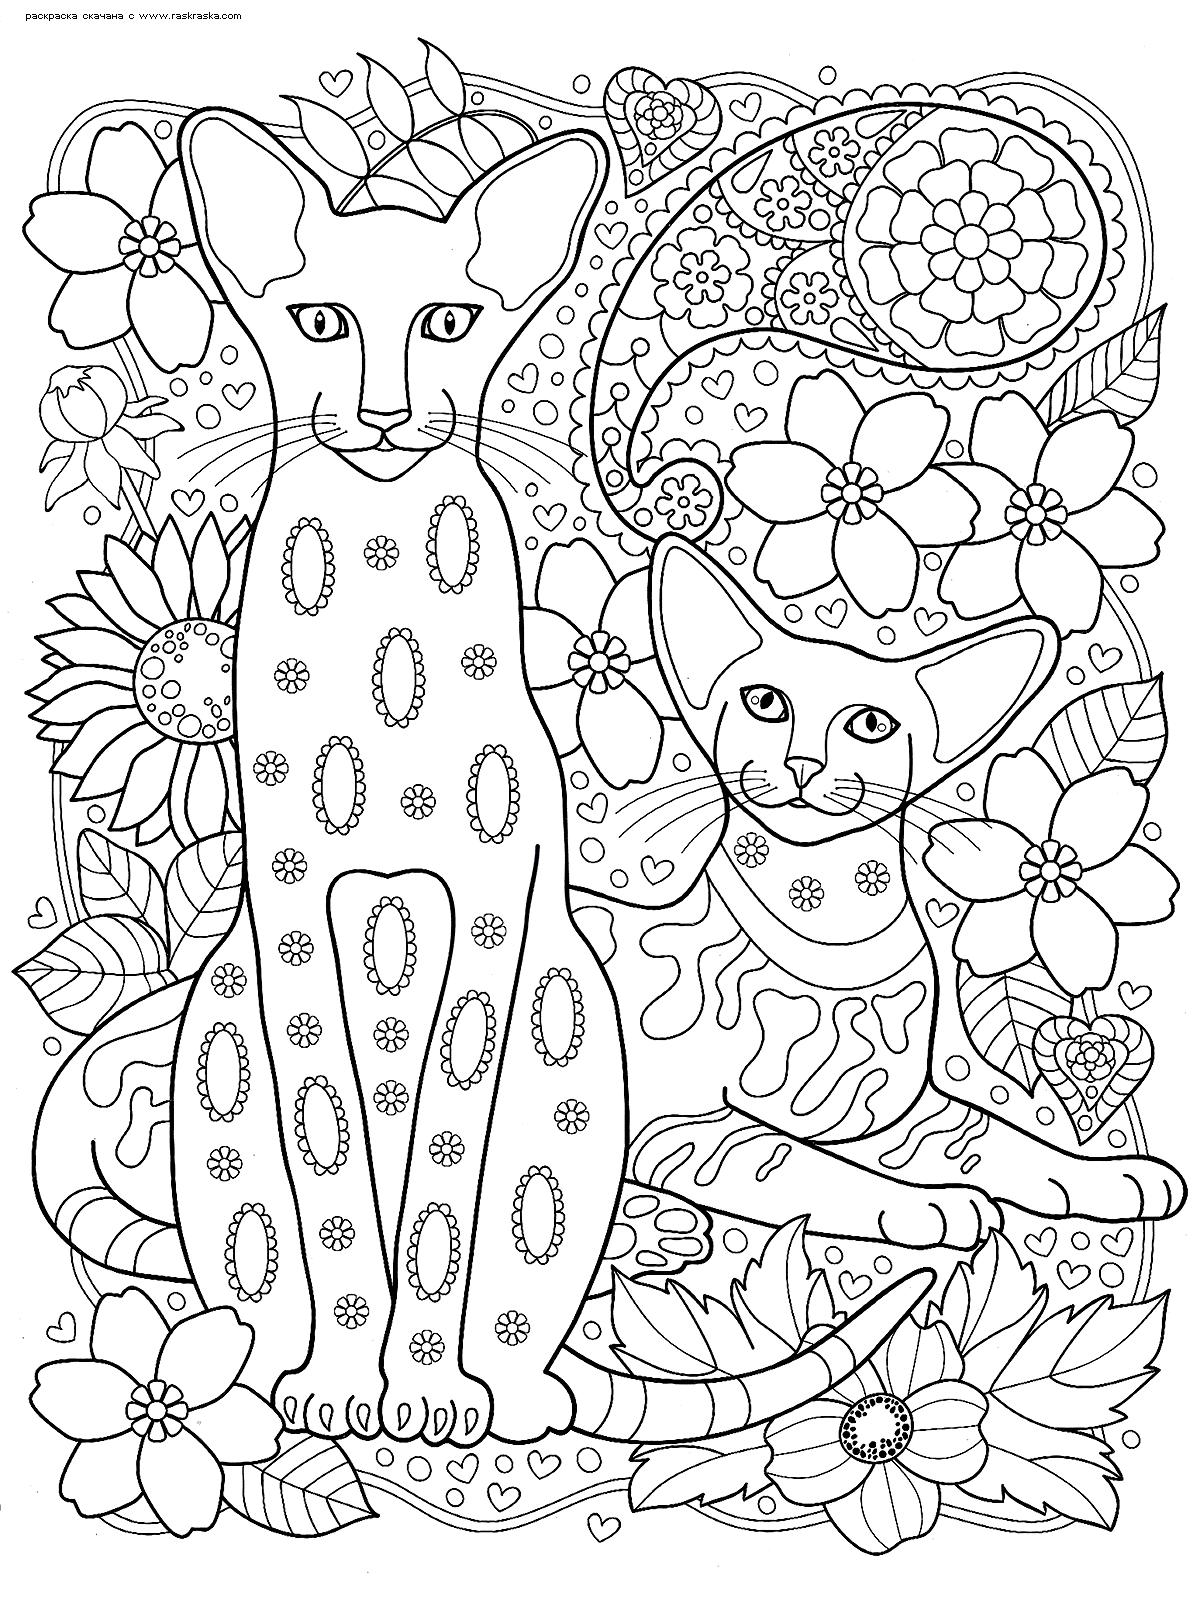 Раскраска Коты сфинксы | Раскраски антистресс Кошки ...